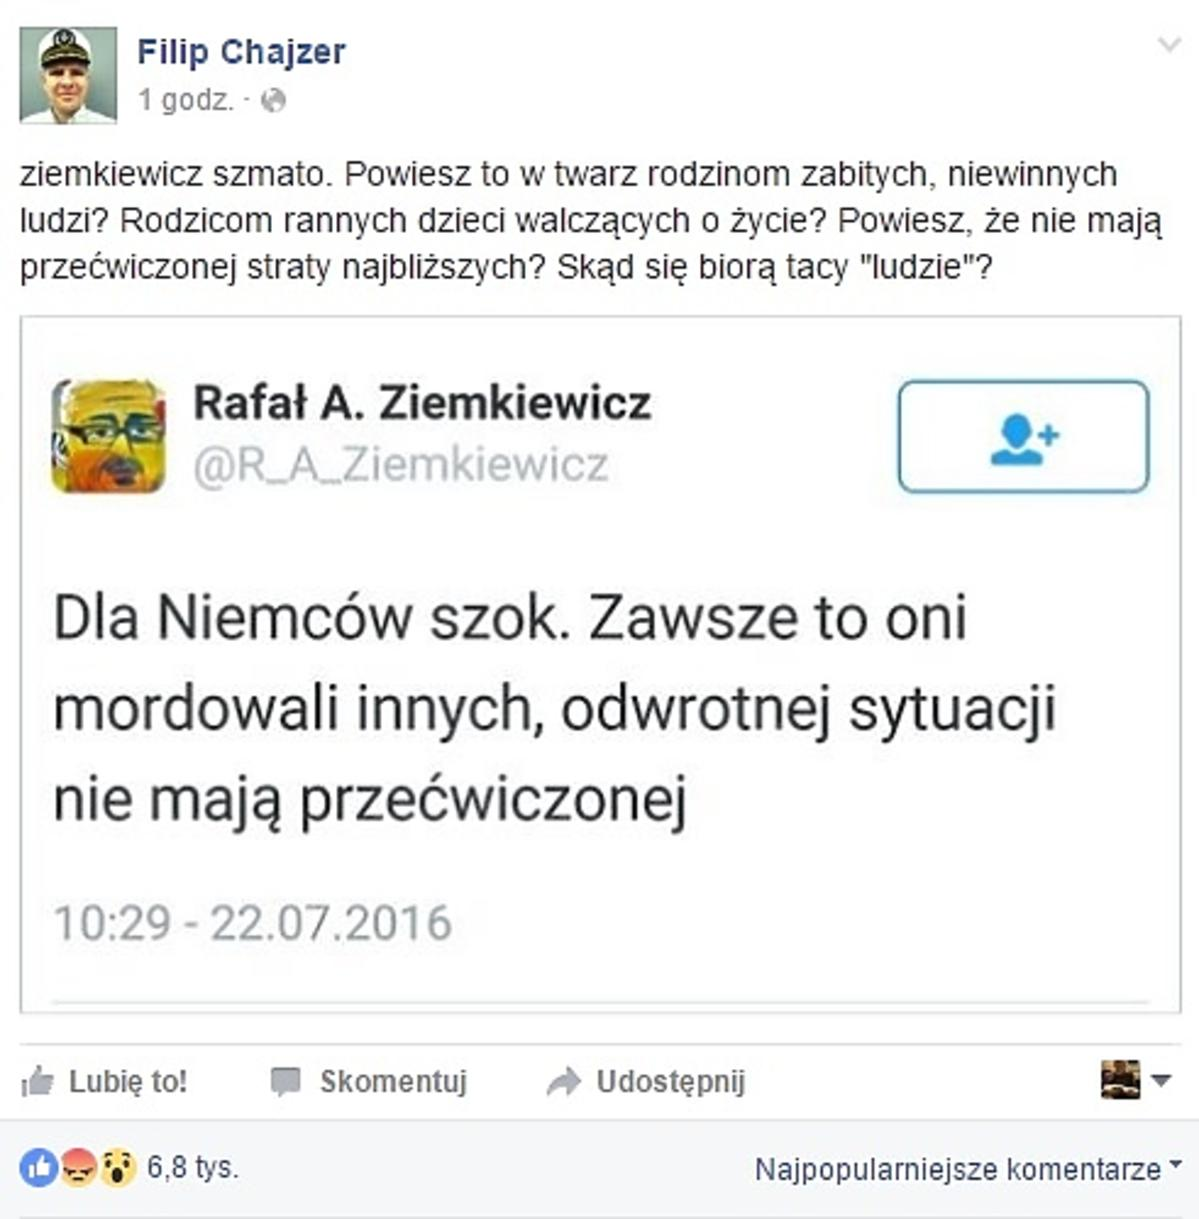 Filip Chajzer ostro do Ziemkiewicza: